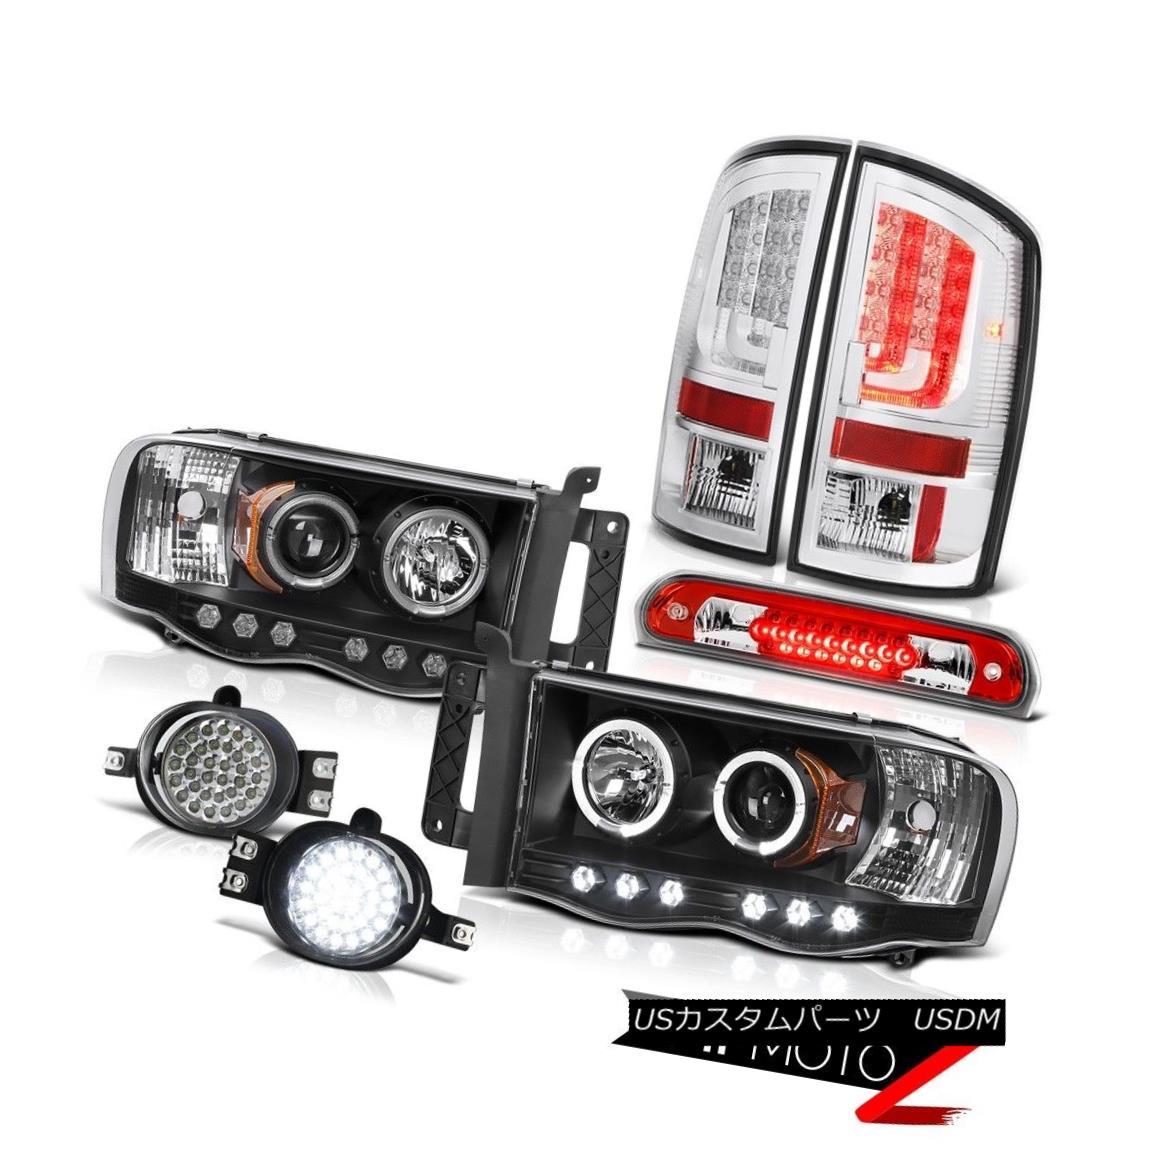 テールライト 02-05 Dodge Ram 1500 1500 4.7L Tail Lights Headlamps Fog Roof Cargo Light LED 02-05 Dodge Ram 1500 1500 4.7Lテールライトヘッドランプ霧屋根カーゴライトLED